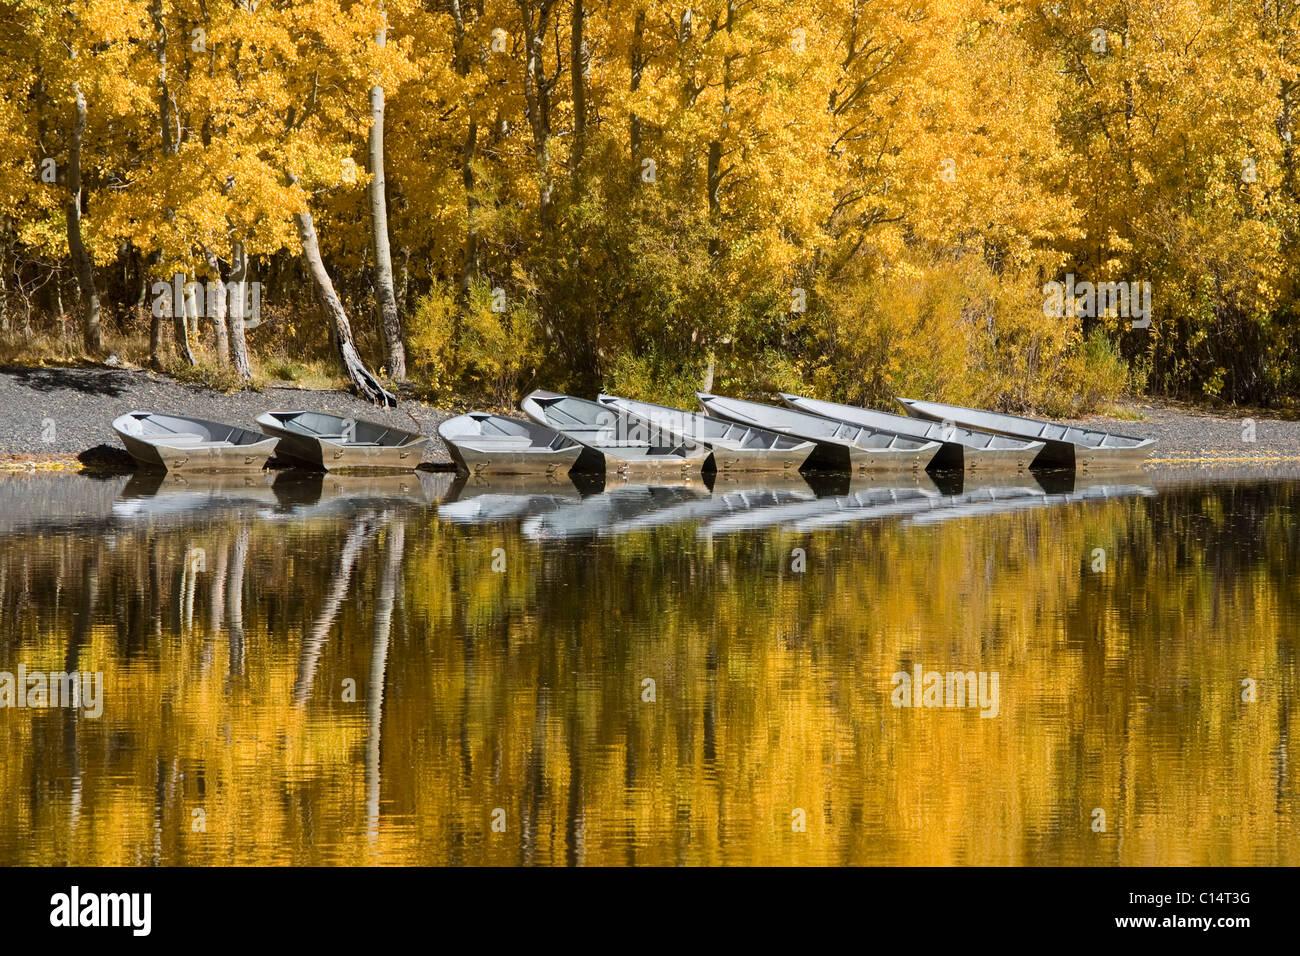 Eine Reihe von Fischerbooten und Herbst Espen Bäumen reflektiert in Silver Lake in der Sierra Mountains, Kalifornien Stockbild